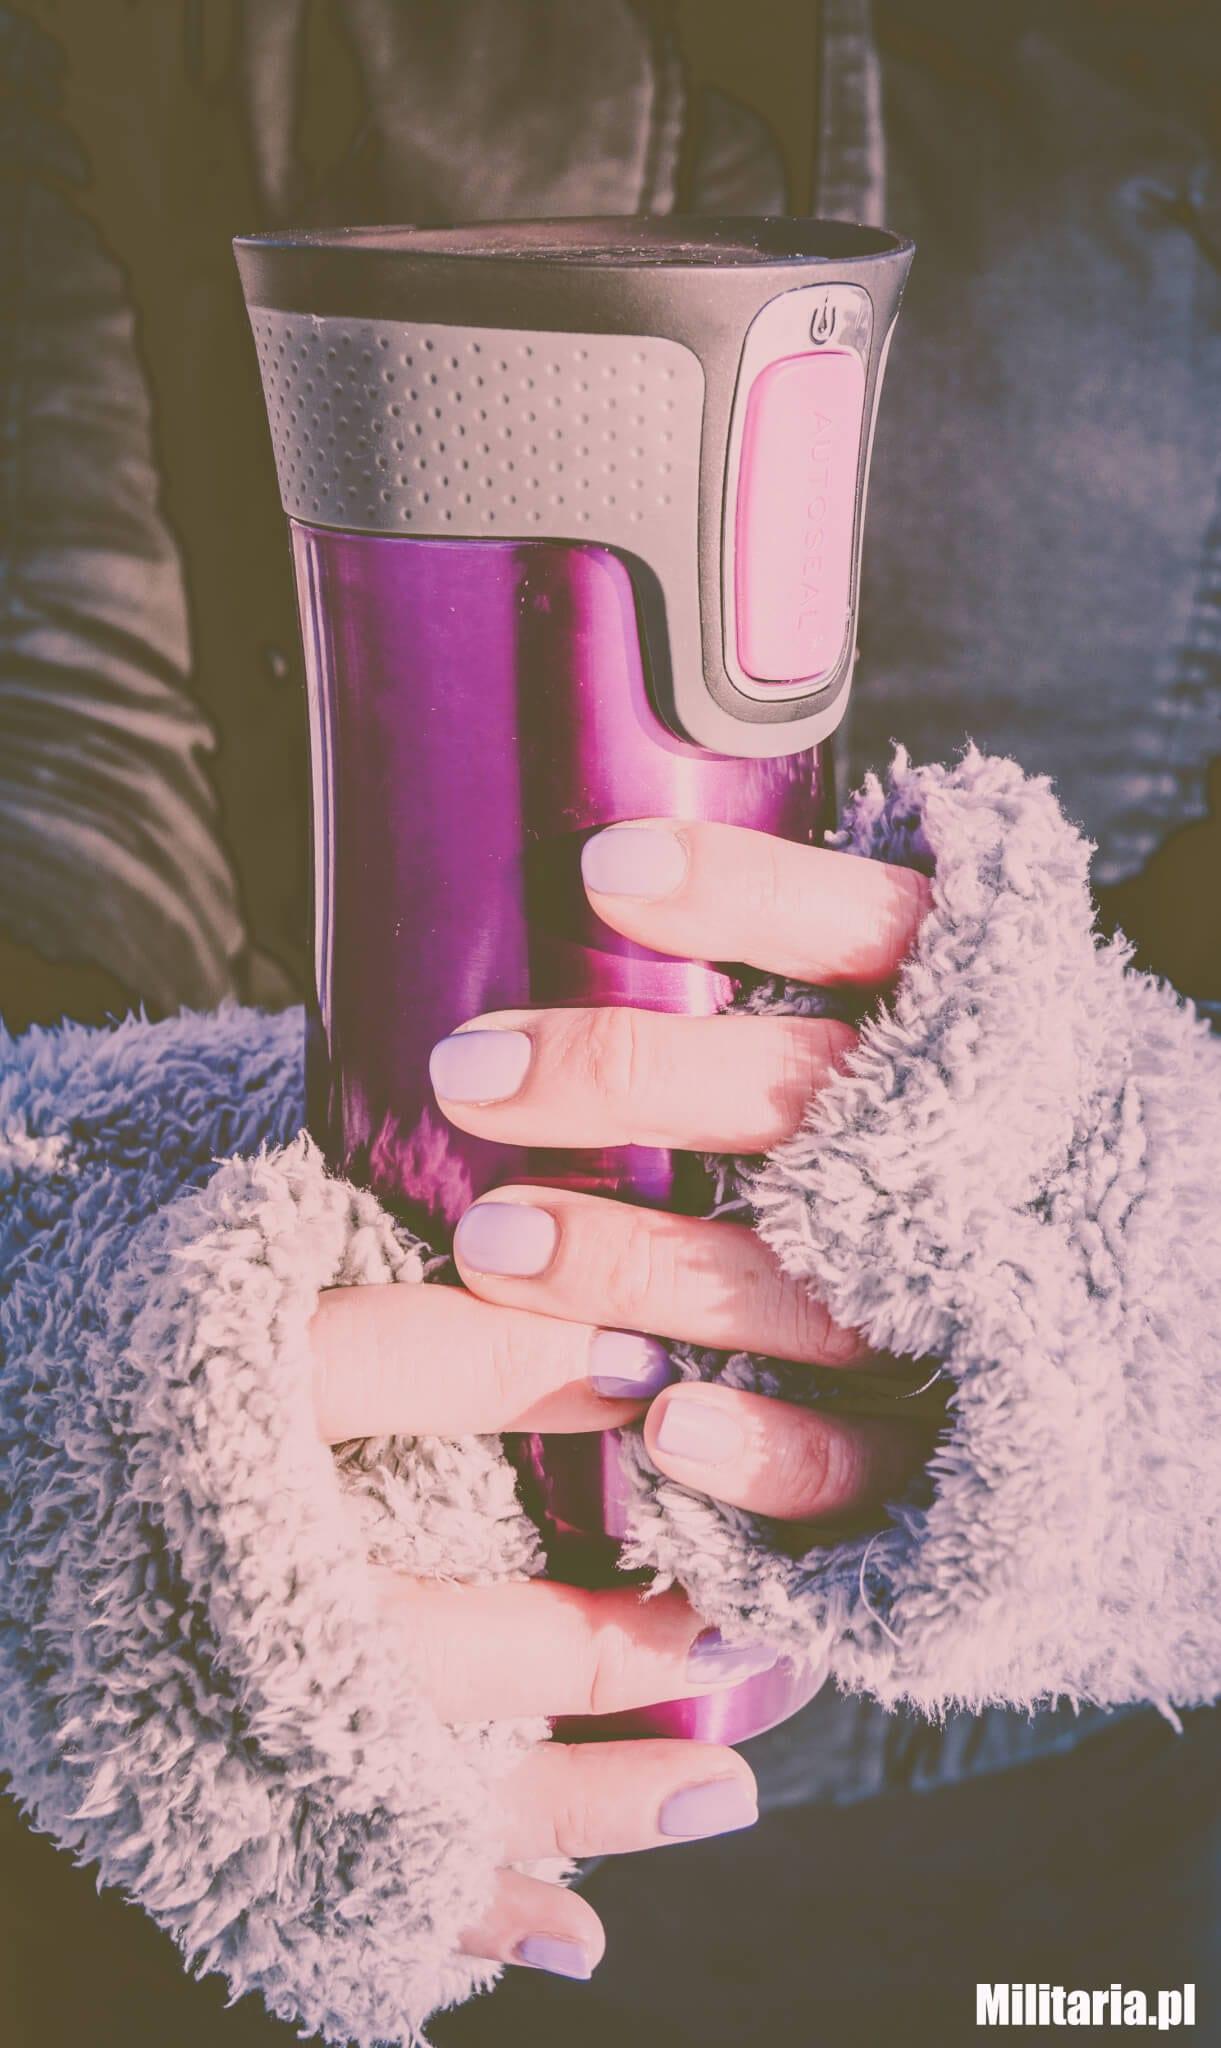 Kubek termiczny utrzyma ciepło Twojego napoju